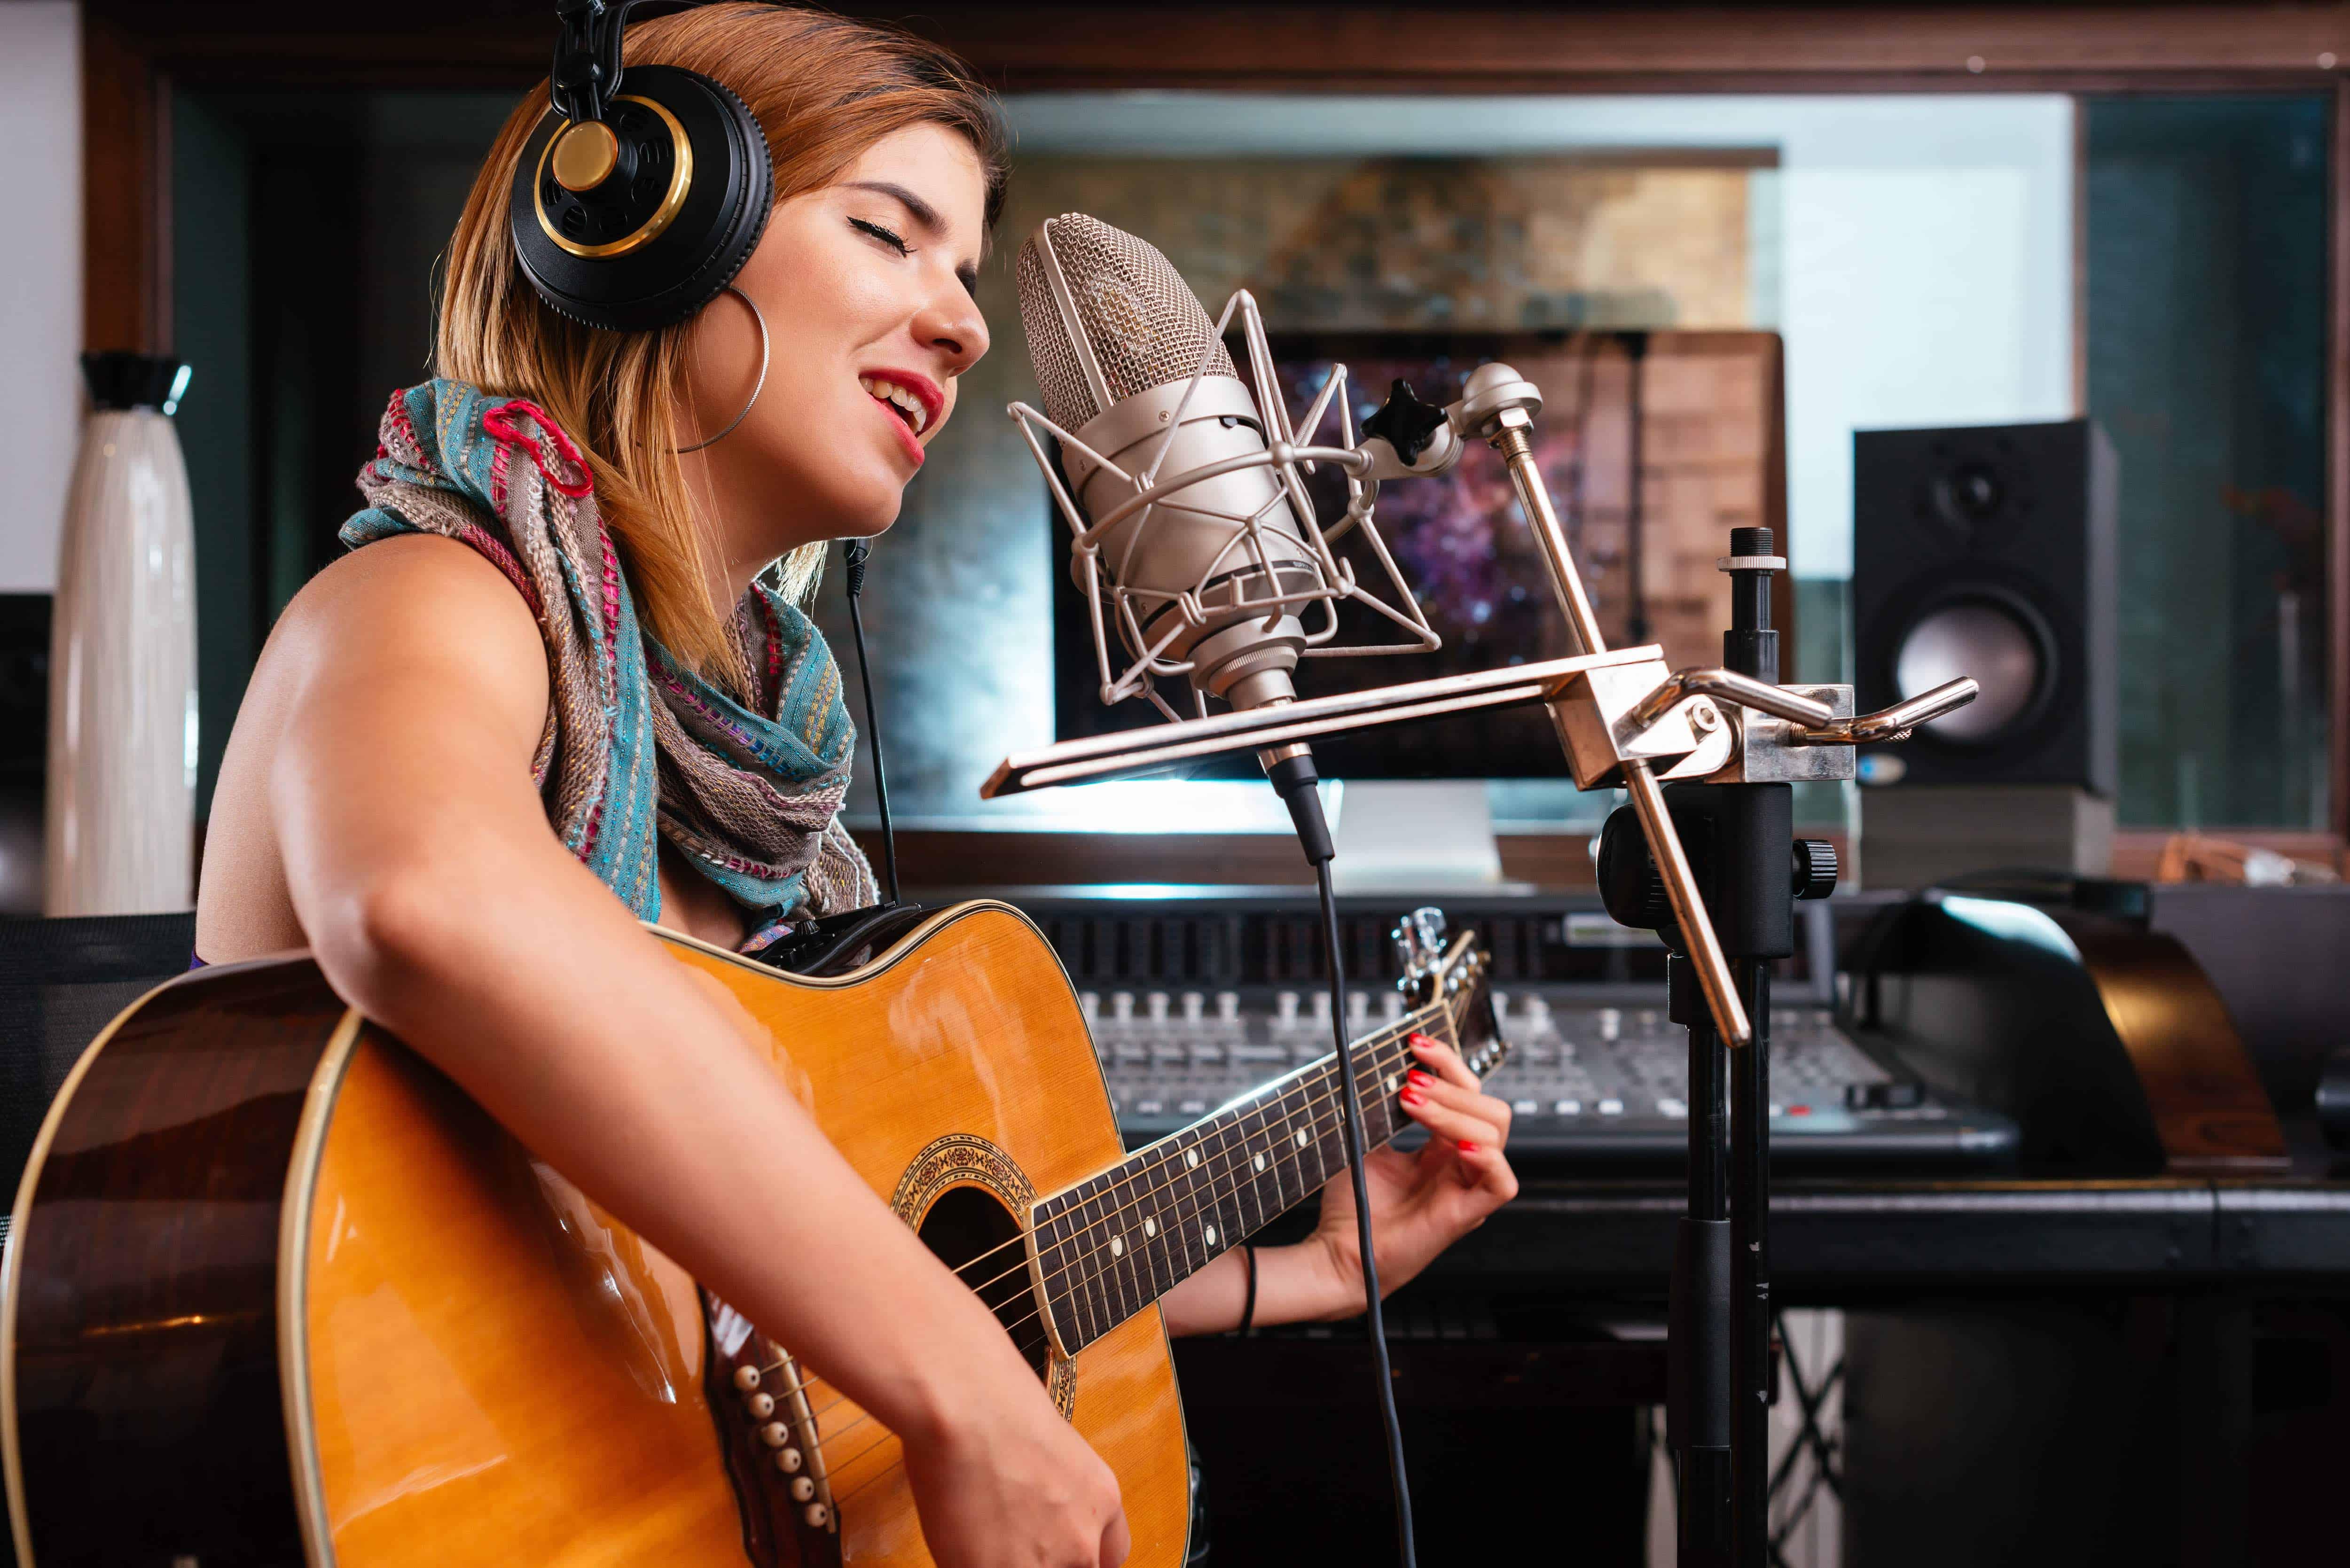 Du willst dein Songwriting aufs nächste Level bringen?